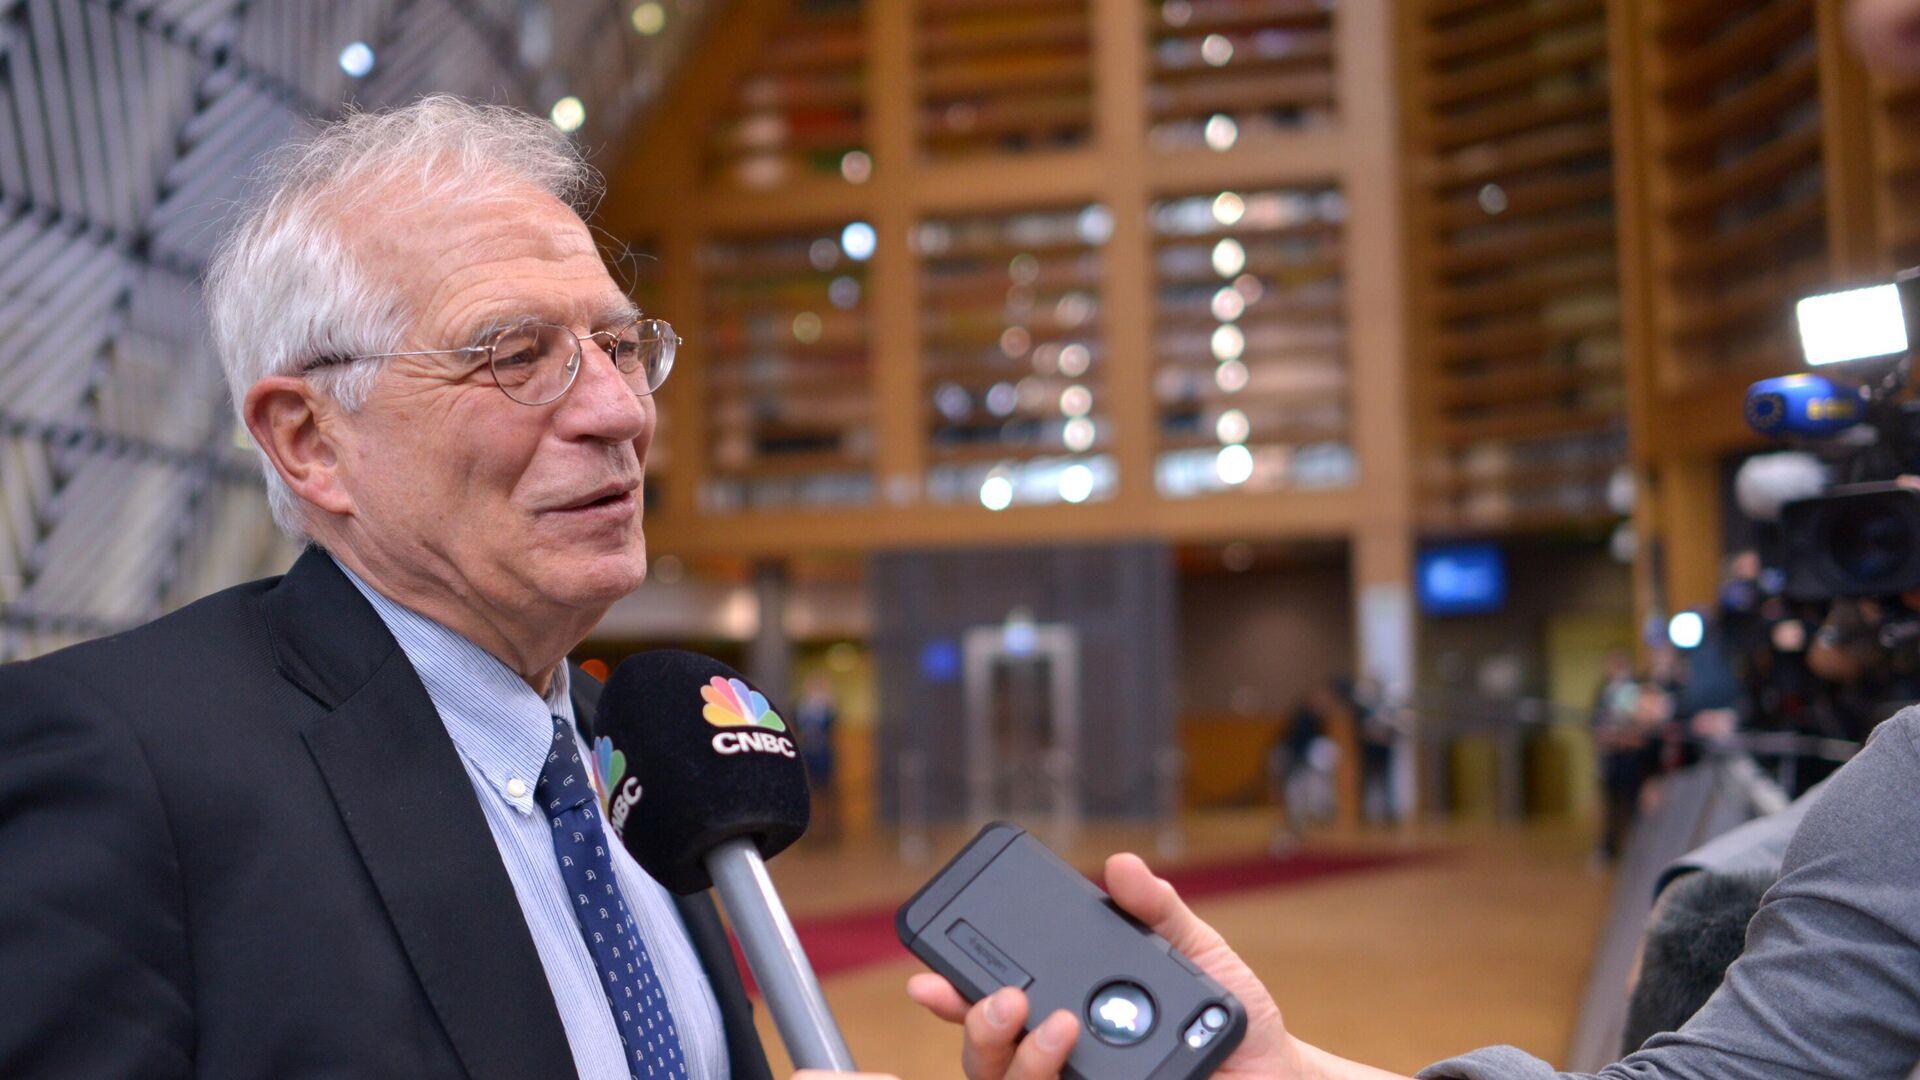 Верховный представитель Евросоюза по иностранным делам и политике безопасности Жозеп Боррель на саммите ЕС в Брюсселе - РИА Новости, 1920, 02.02.2021